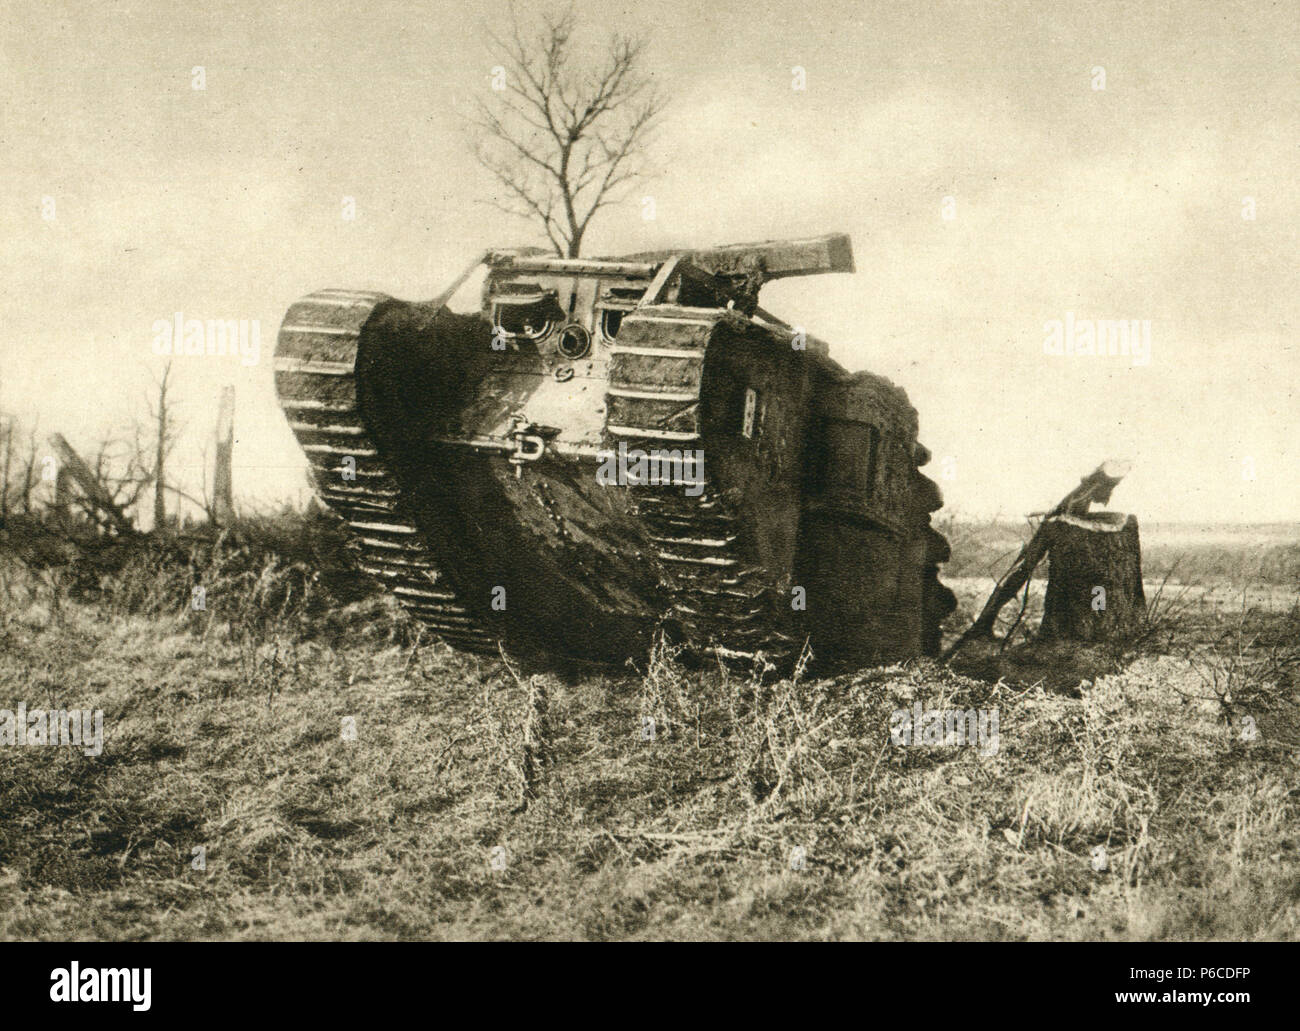 6173b01f741b9 Ww1 Tank Stockfotos   Ww1 Tank Bilder - Alamy